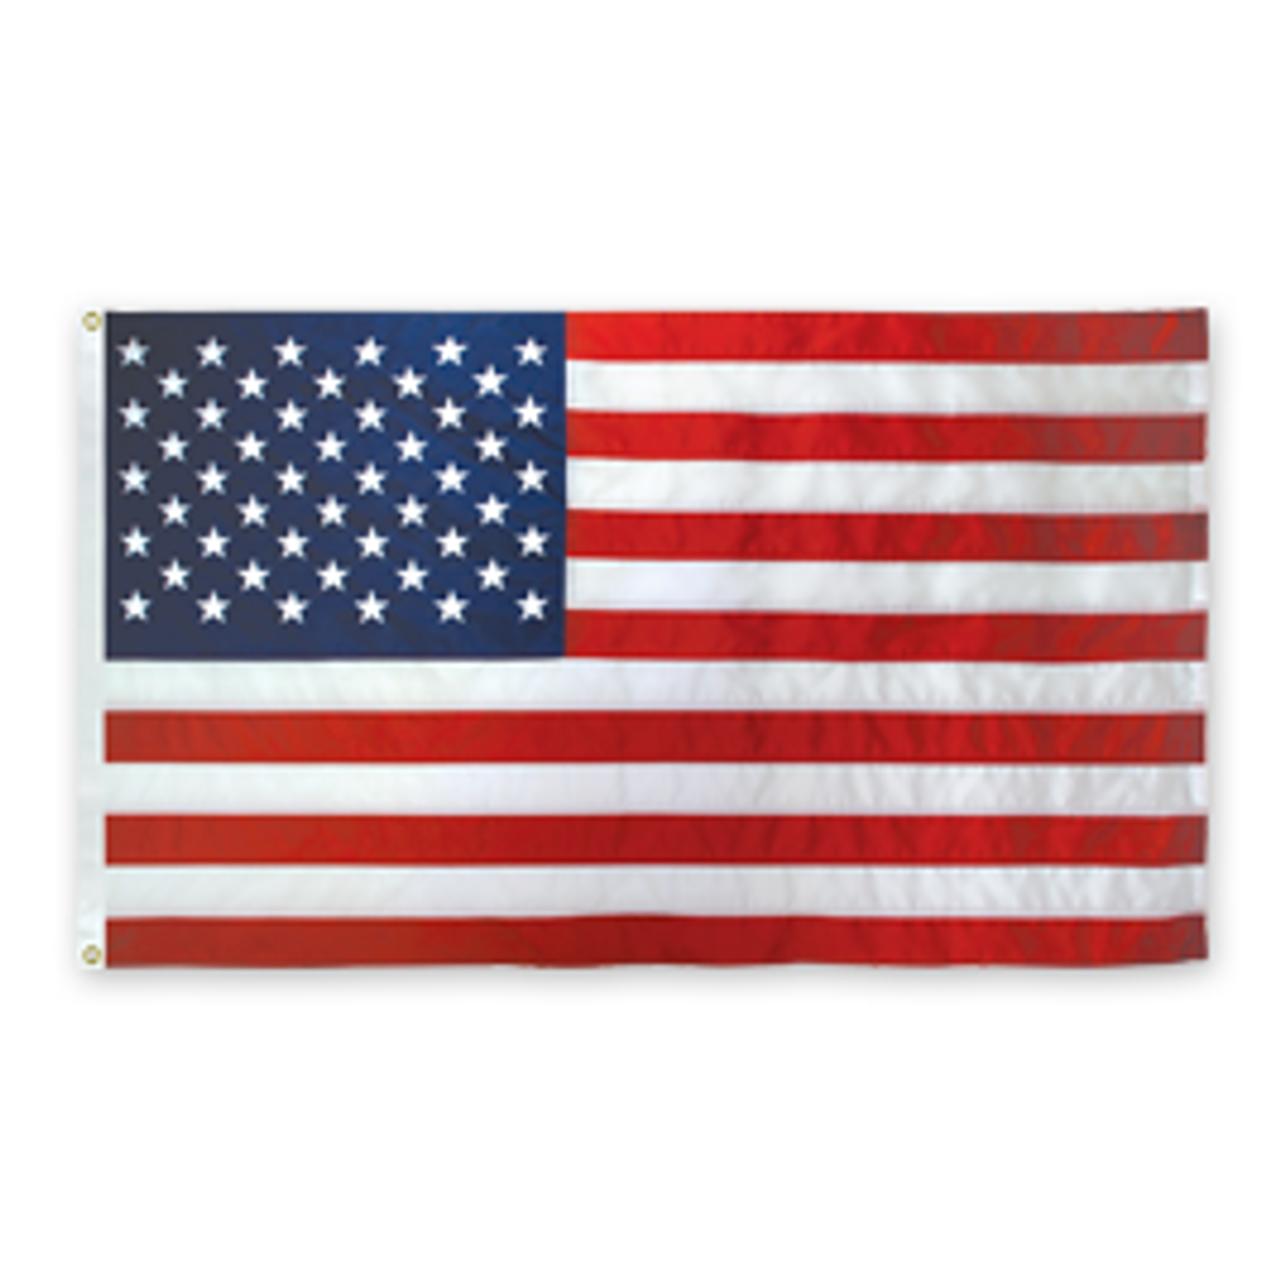 USA Outdoor Nylon Flags